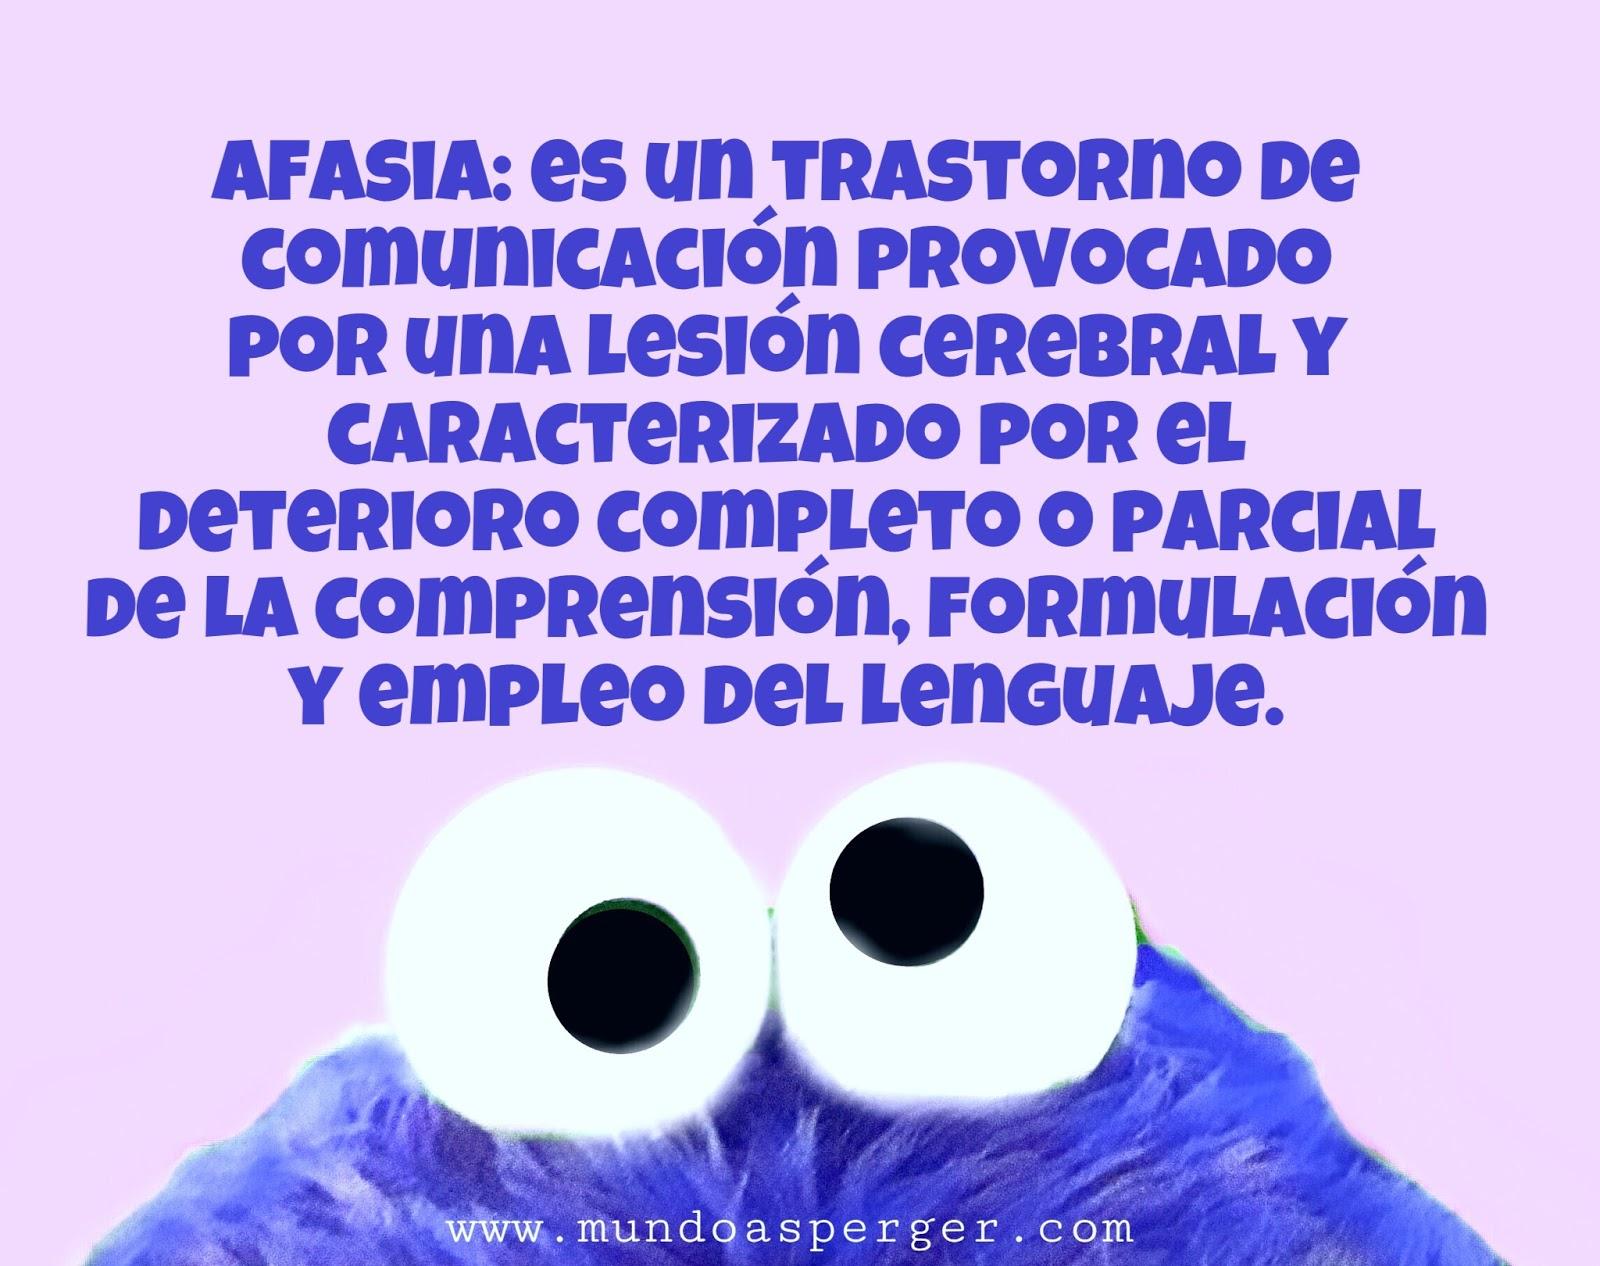 MuNDo AsPeRGeR: Dislexia, dislalia, afasia, agnosia, disgrafía ...